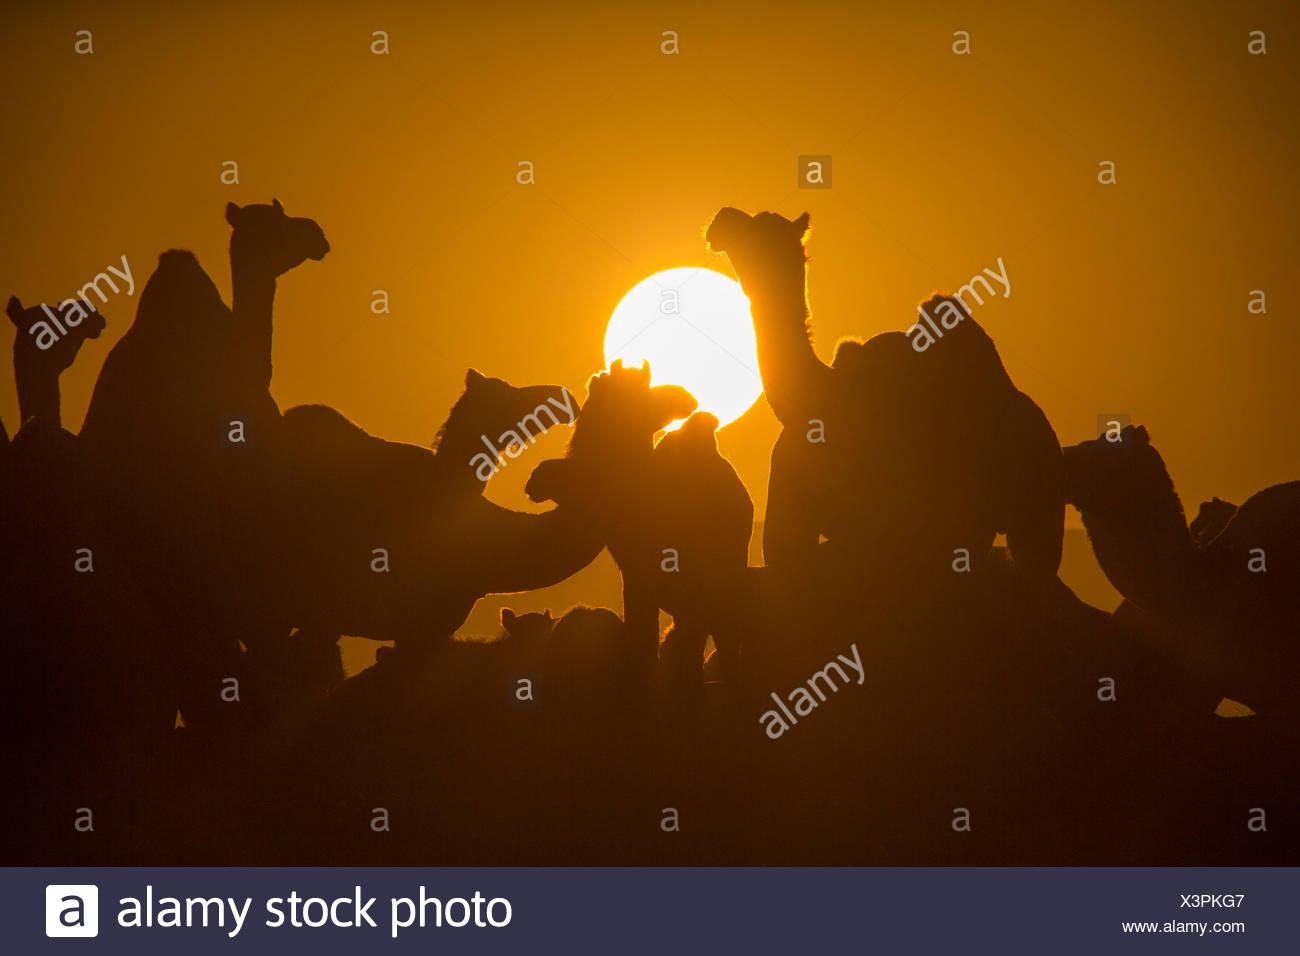 Pushkar Mela marché aux chameaux chameaux dromadaires Pushkar Rajasthan Inde Asie Inde animaux animal coucher du soleil coucher du soleil, le marché Banque D'Images